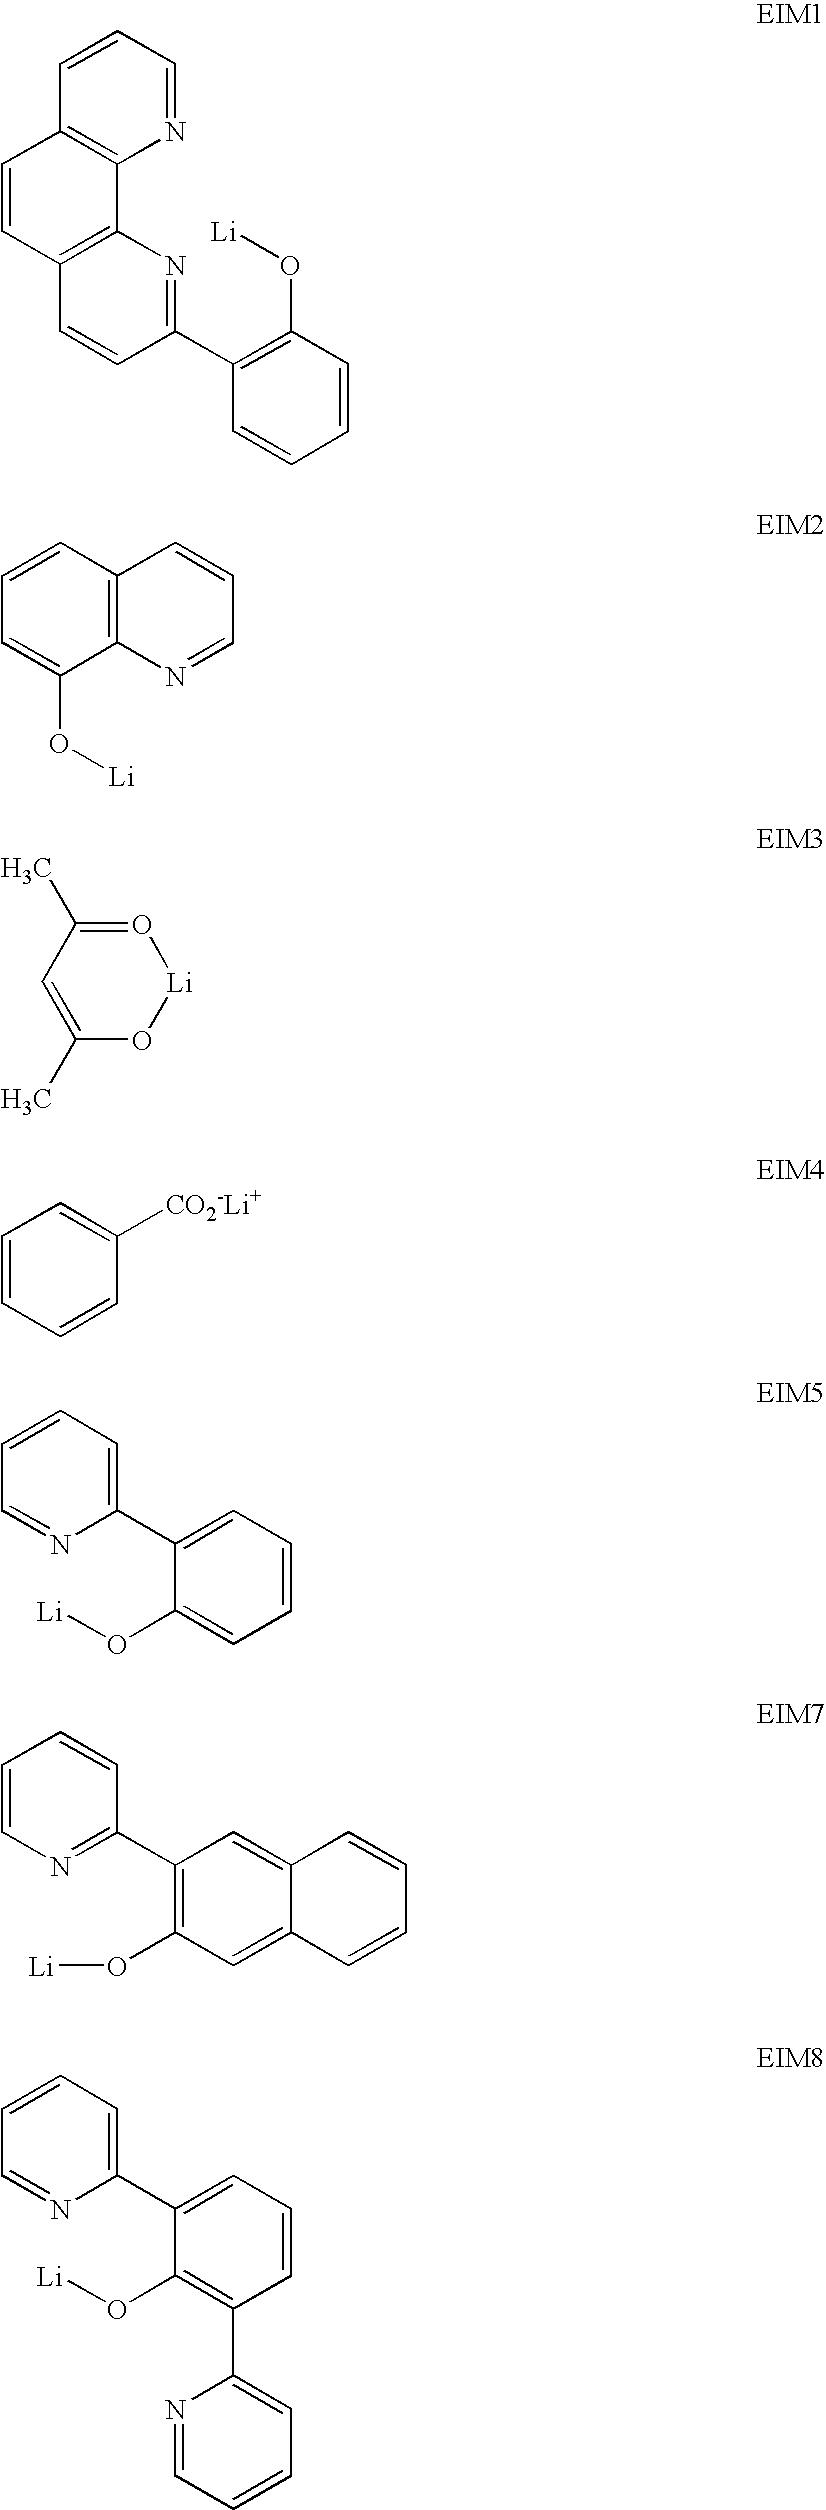 Figure US08420229-20130416-C00012